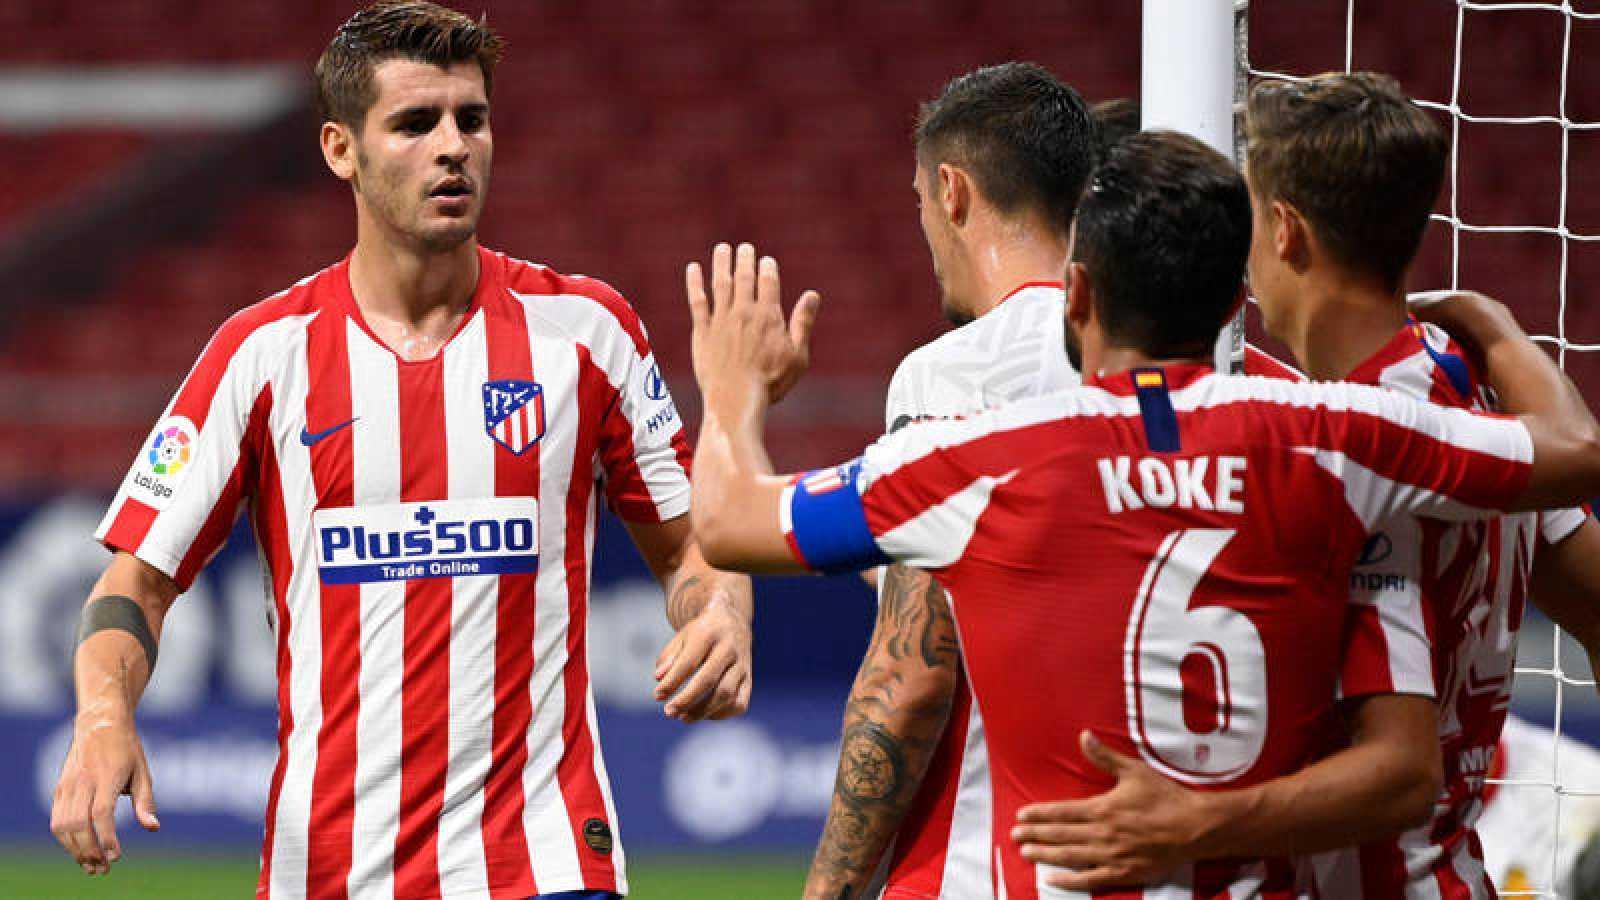 Imagen: Morata (i) celebra el gol con Koke (c) y Marcos Llorente (d)